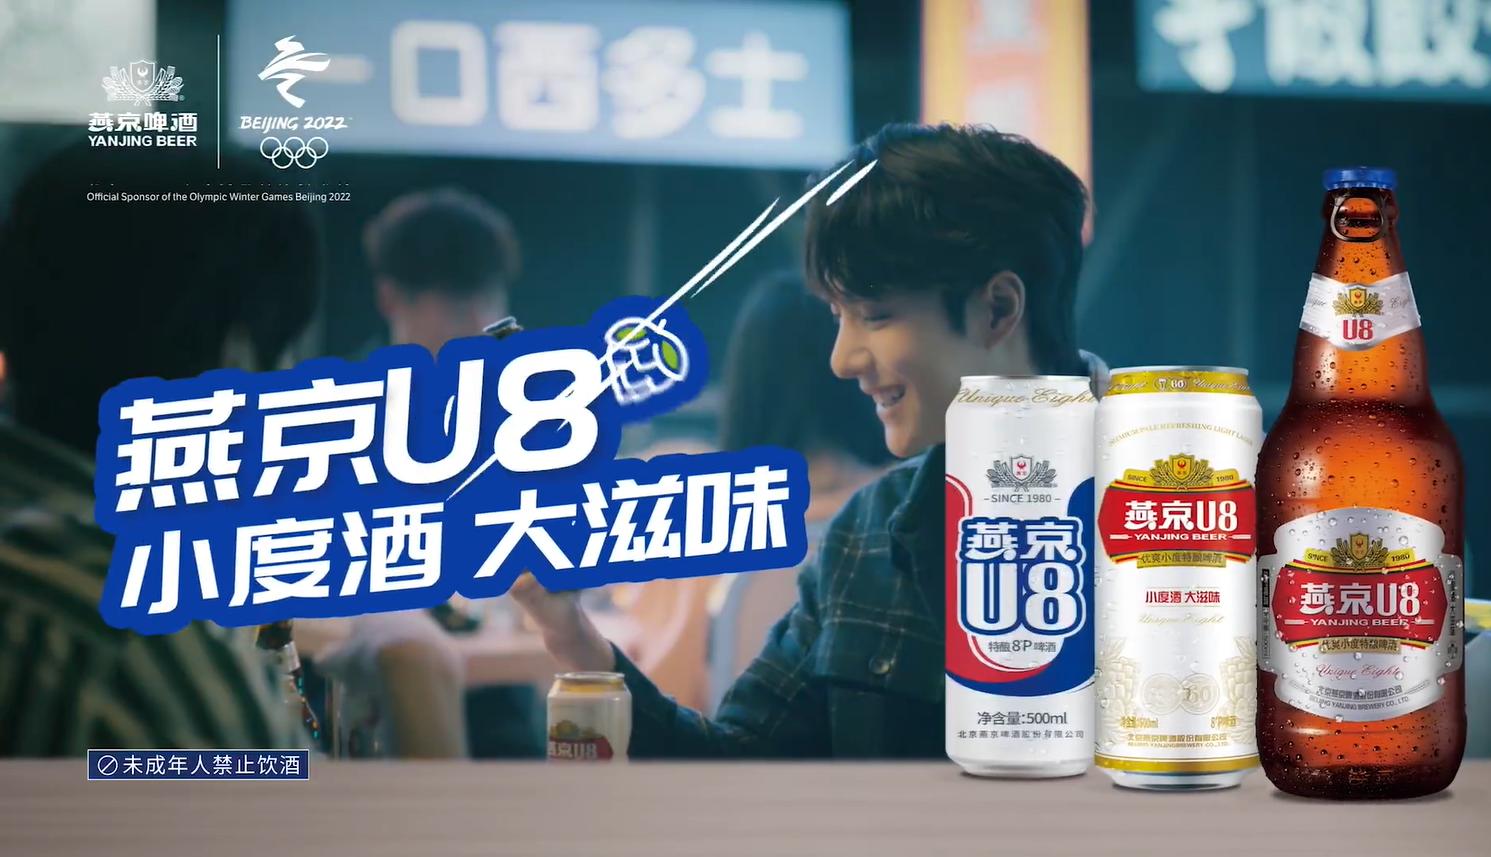 明星价值助推燕京啤酒估值,王一博代言下全国大单品U8的飞速崛起